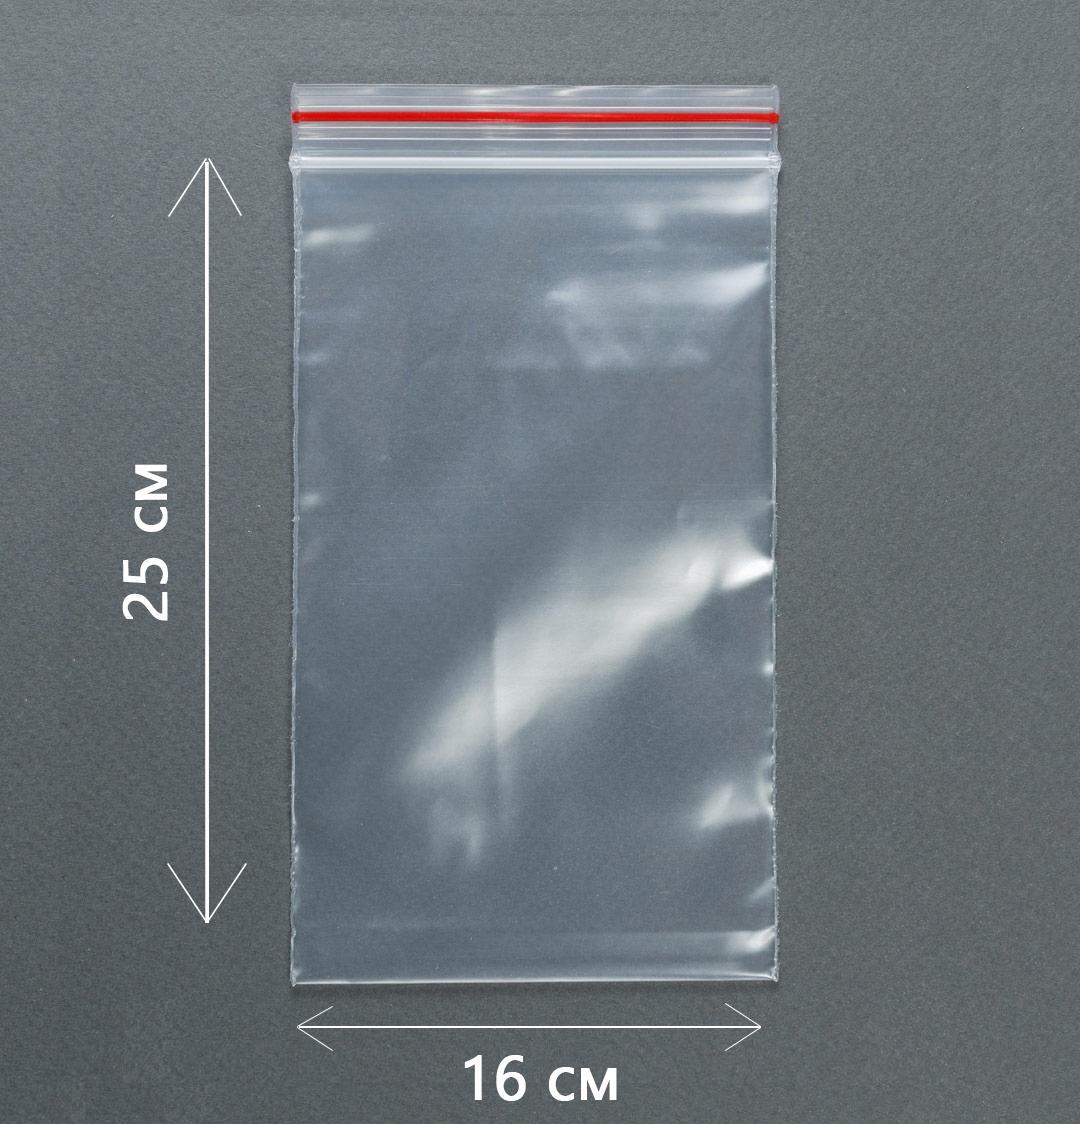 16x25 cm